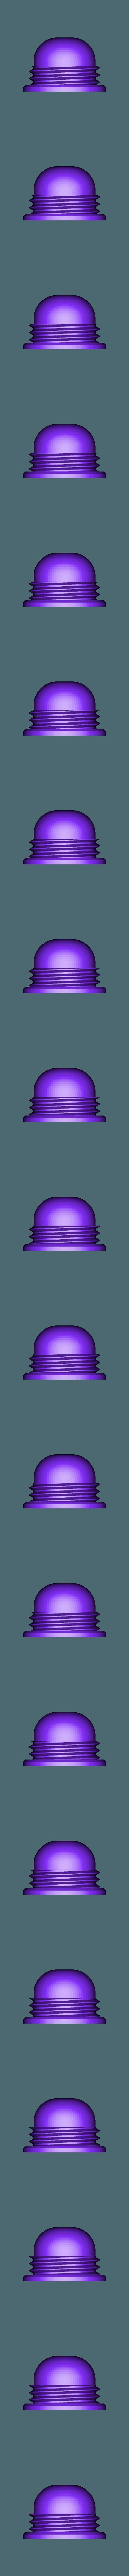 desiccant_plugV2.1.stl_hex_now_4.2mm_radius.stl Télécharger fichier STL gratuit Couvercle de bobine pour les enceintes avec des bidons déshydratants en option • Modèle à imprimer en 3D, gnattycole